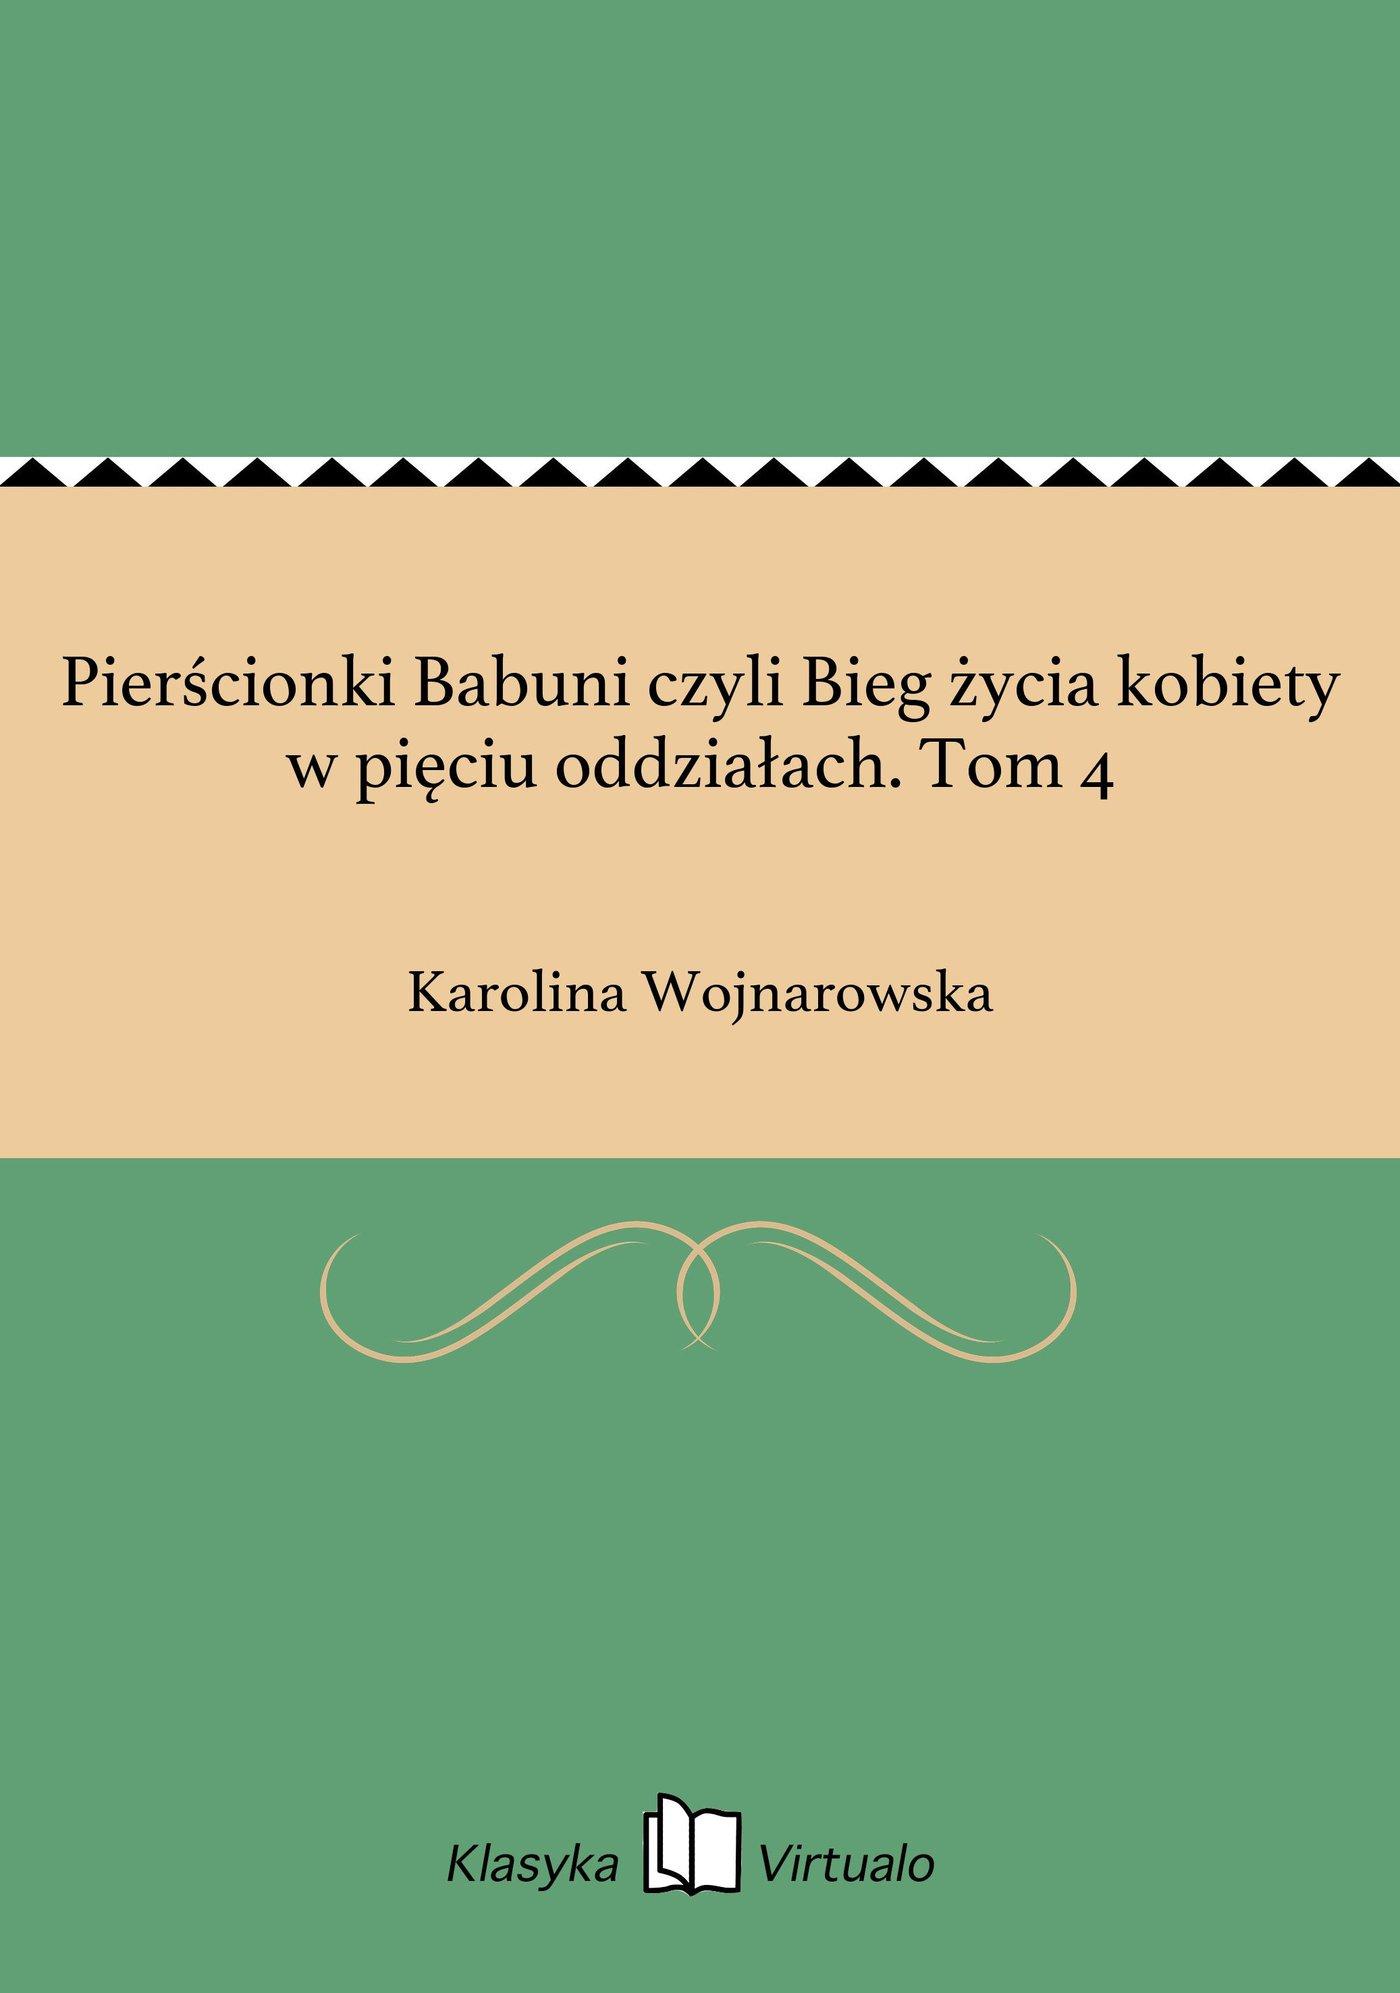 Pierścionki Babuni czyli Bieg życia kobiety w pięciu oddziałach. Tom 4 - Ebook (Książka EPUB) do pobrania w formacie EPUB